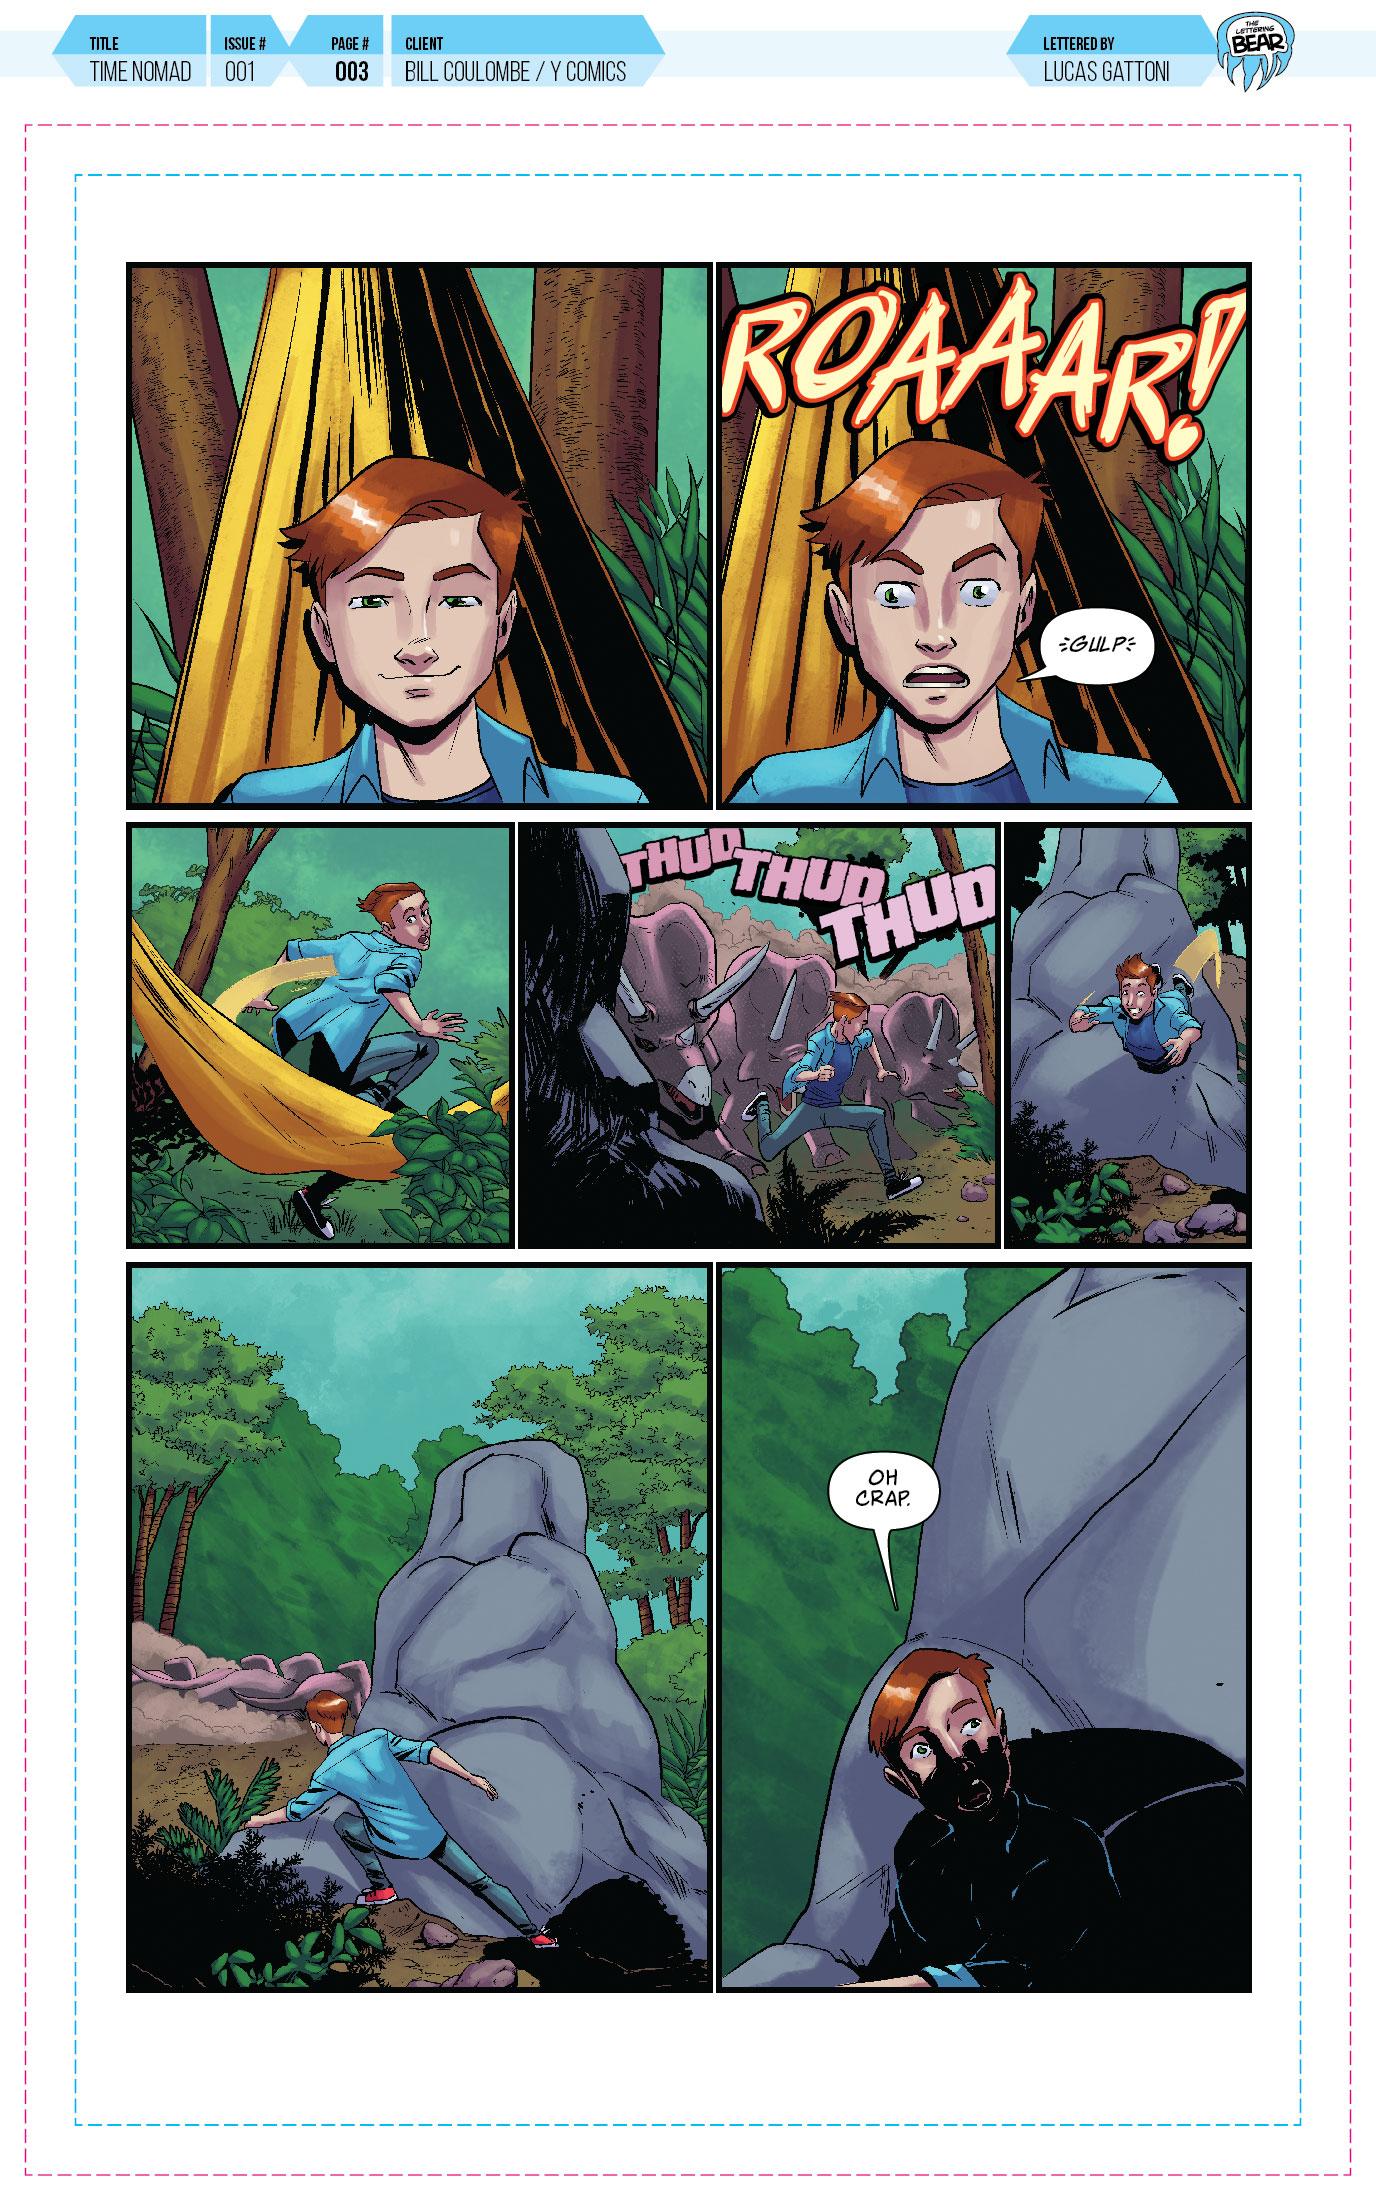 Time Nomad 001 - Page 003-v1.jpg